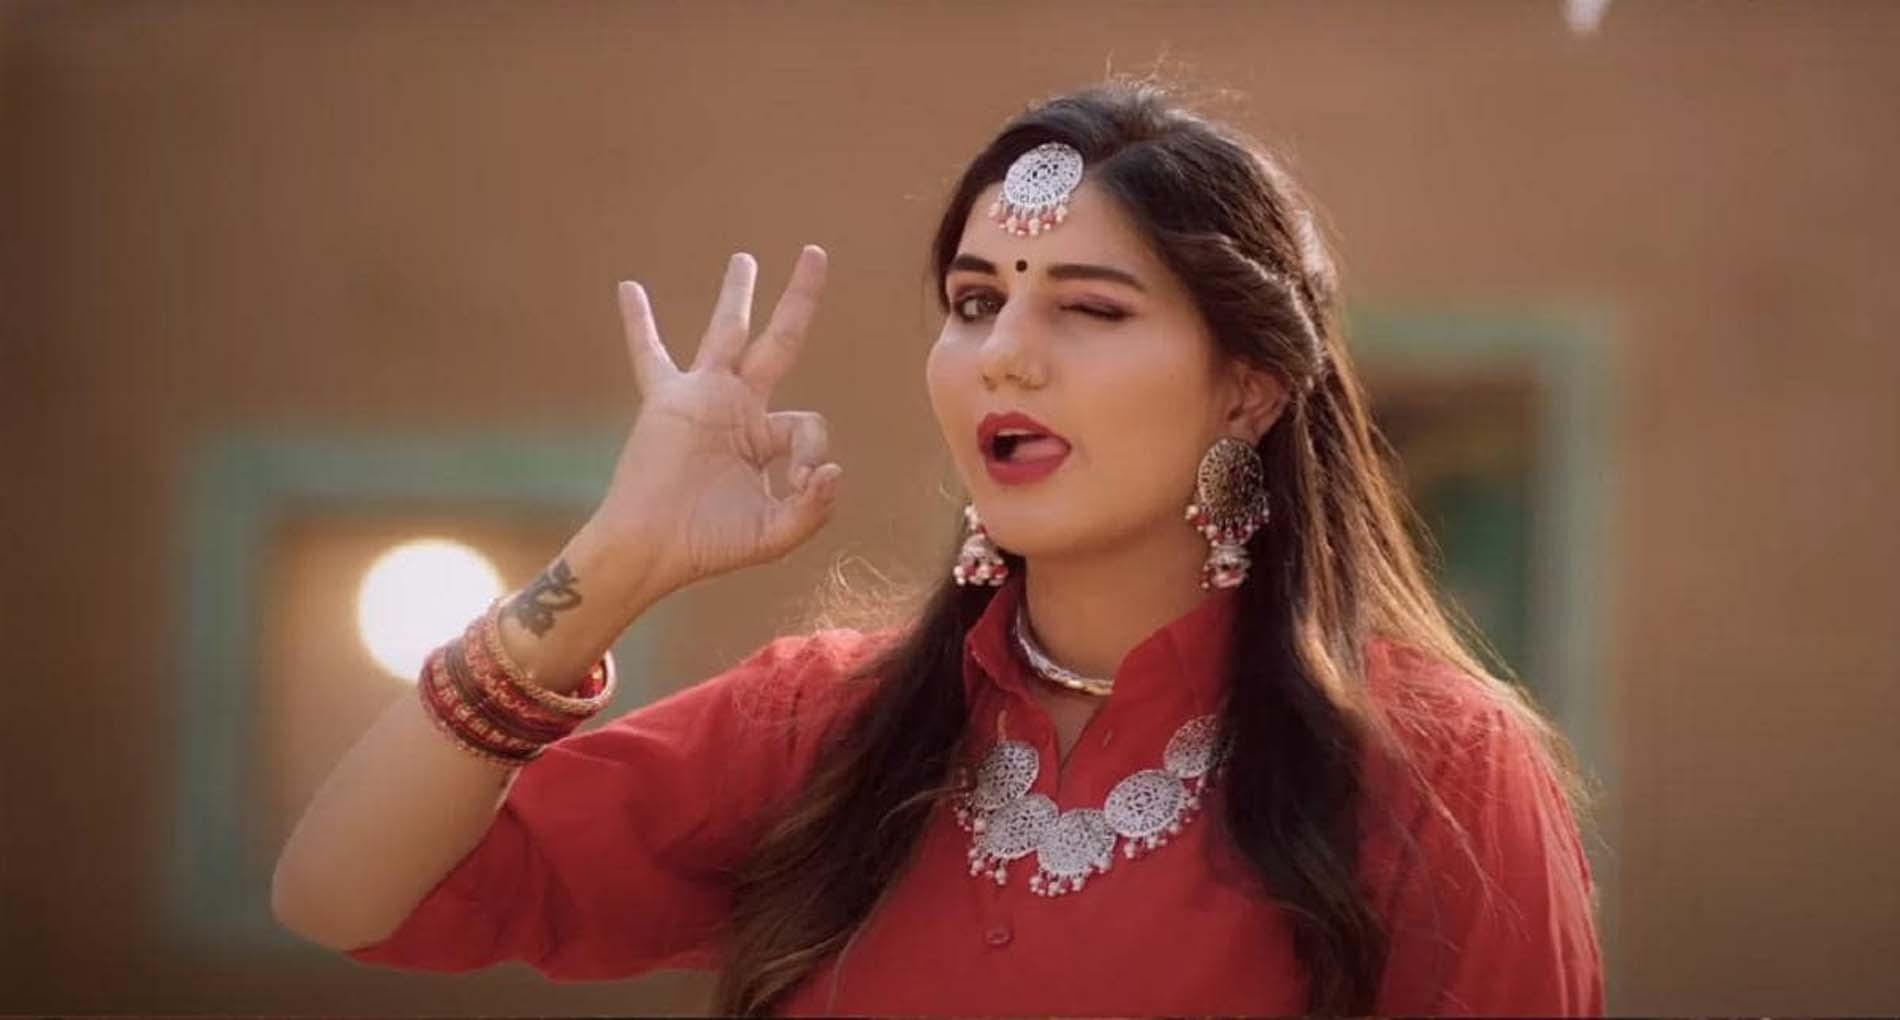 Sapna Choudhary Ke Gane: हरियाणवी डांसर और सिंगर सपना चौधरी के हिट गाने! देखें वीडियो